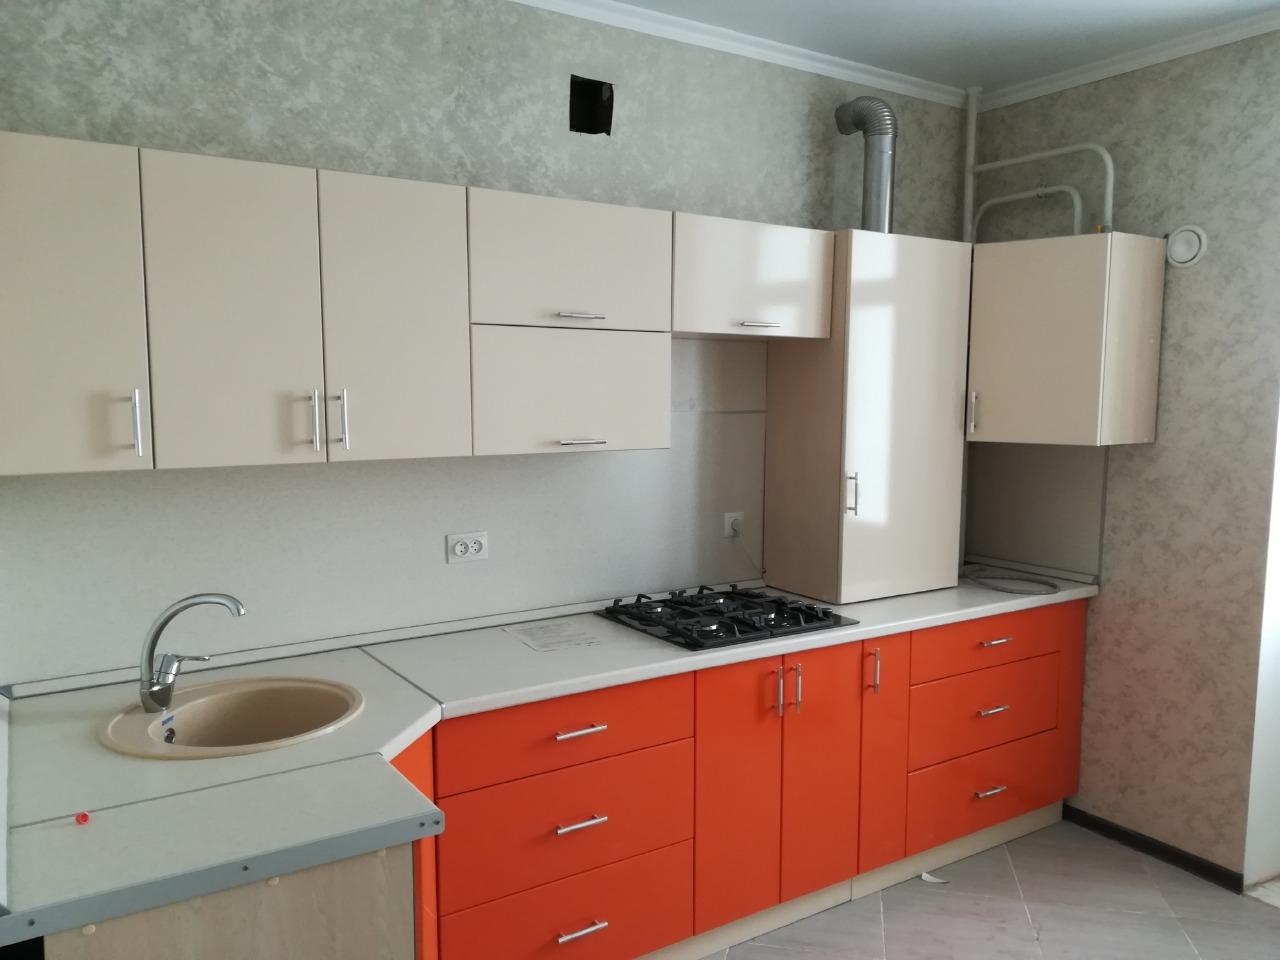 оранжево-белая кухня на заказ